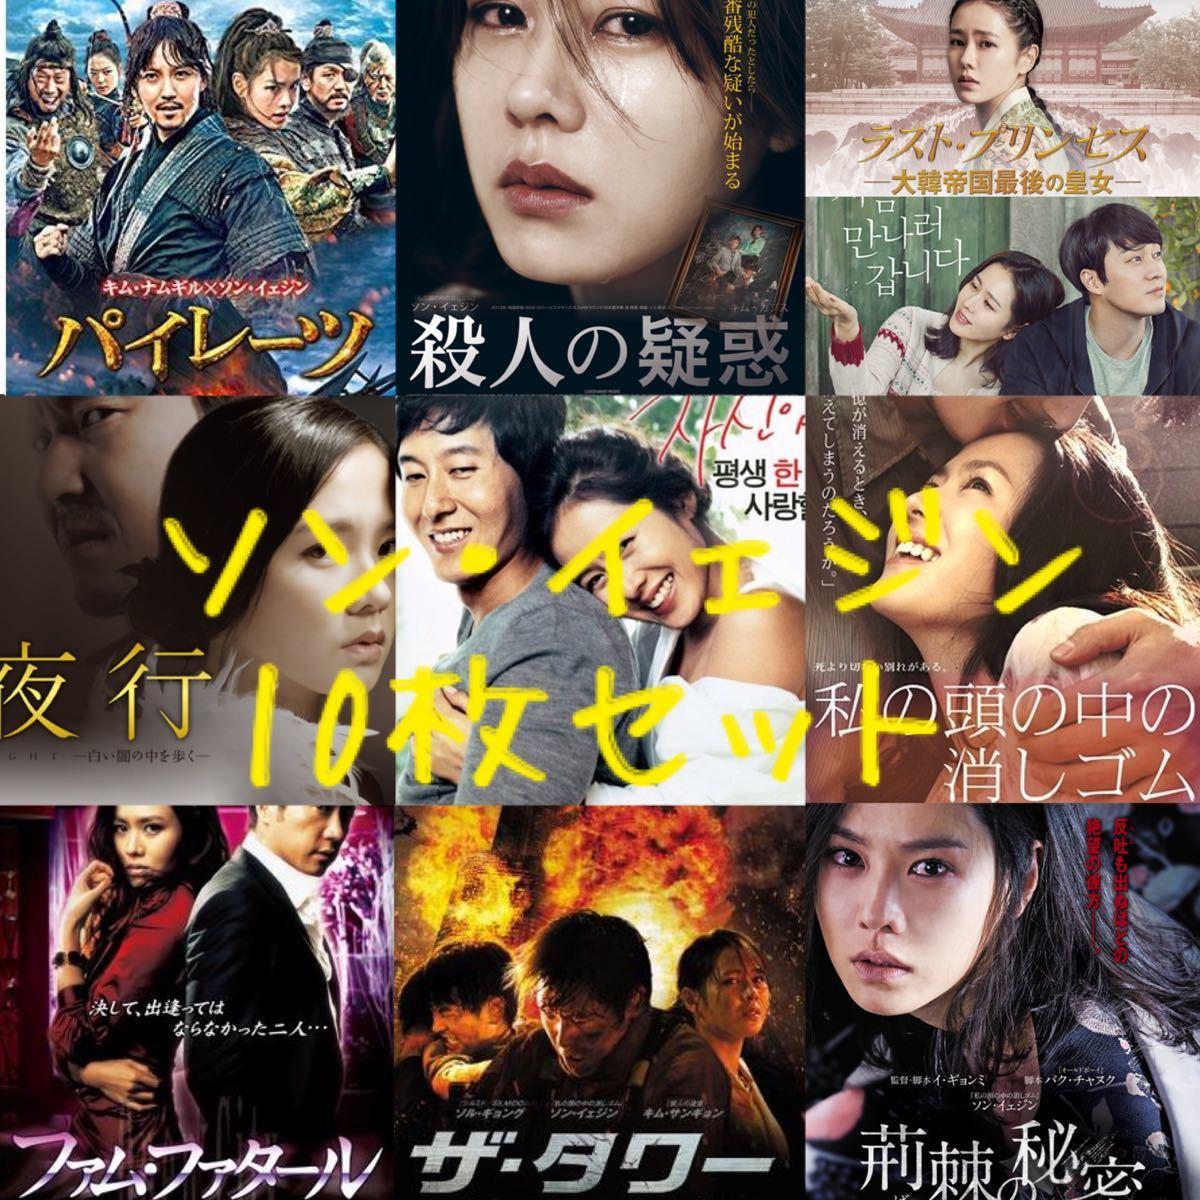 韓国映画  ソン・イェジン  出演映画 DVD  10タイトル  レーベル有り  入替可能